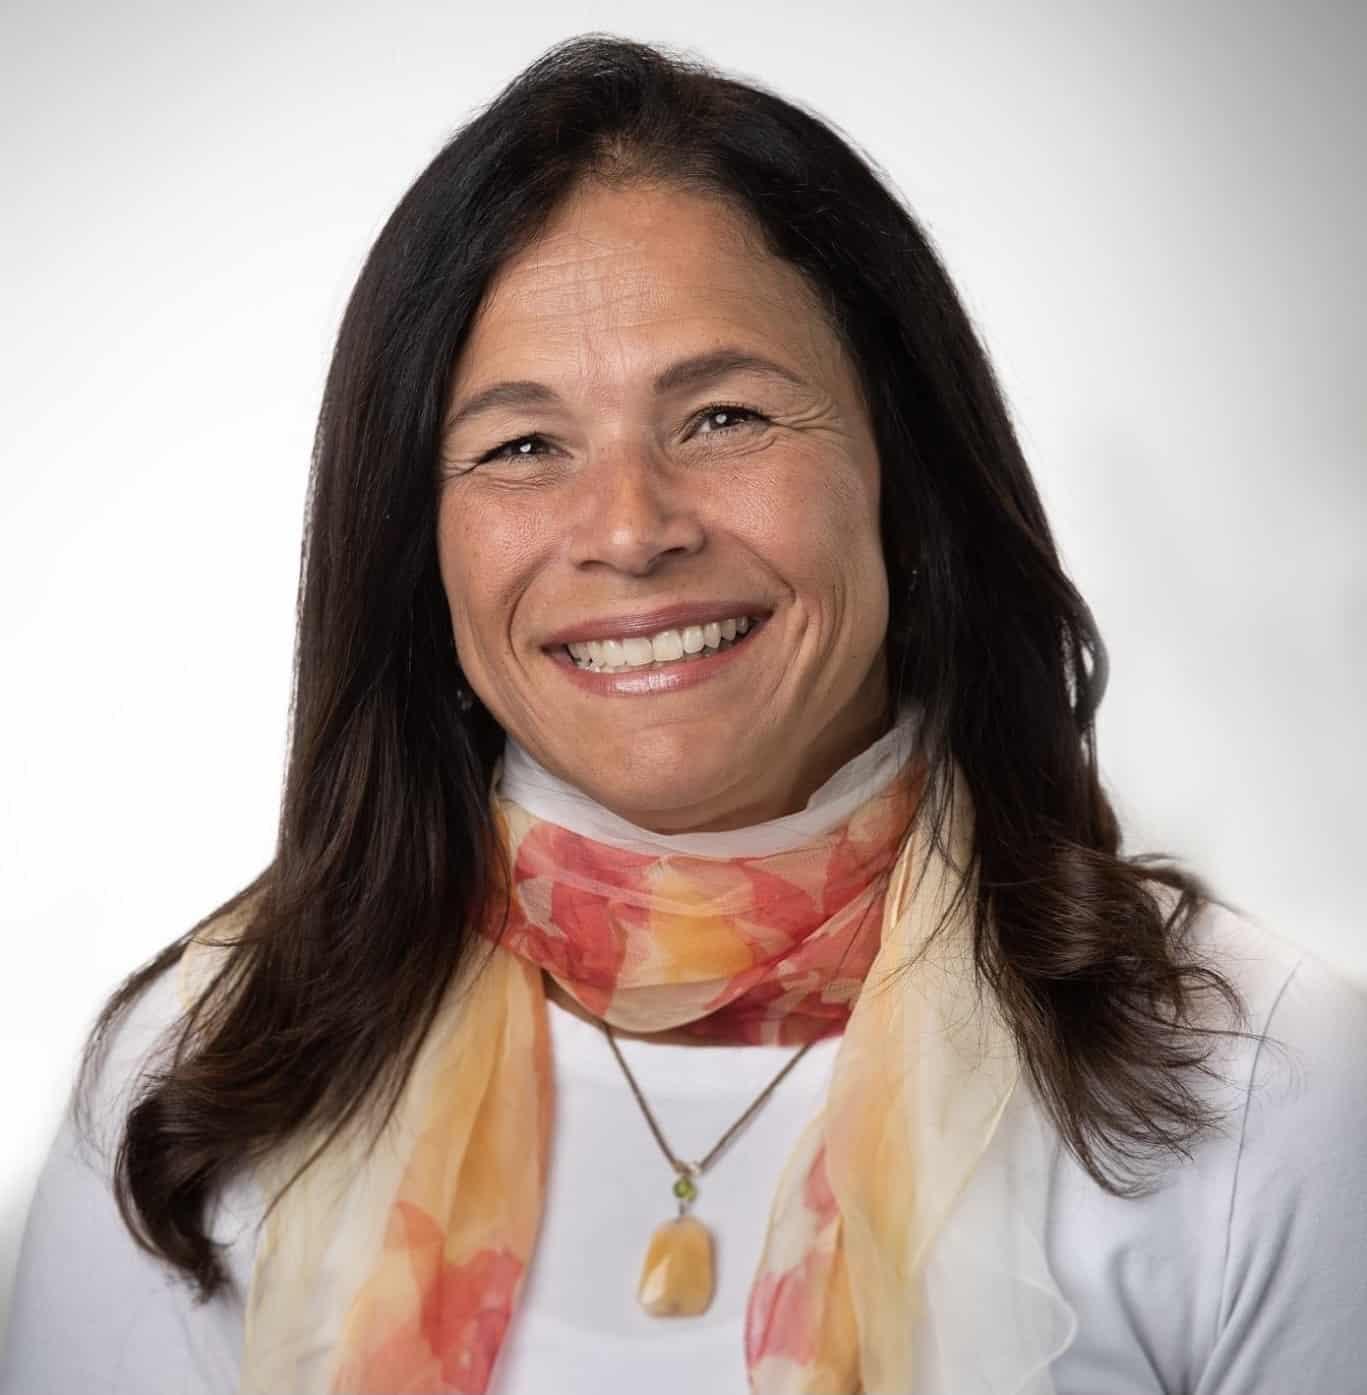 MALN Opinion+: Dr. Brenda Cassellius